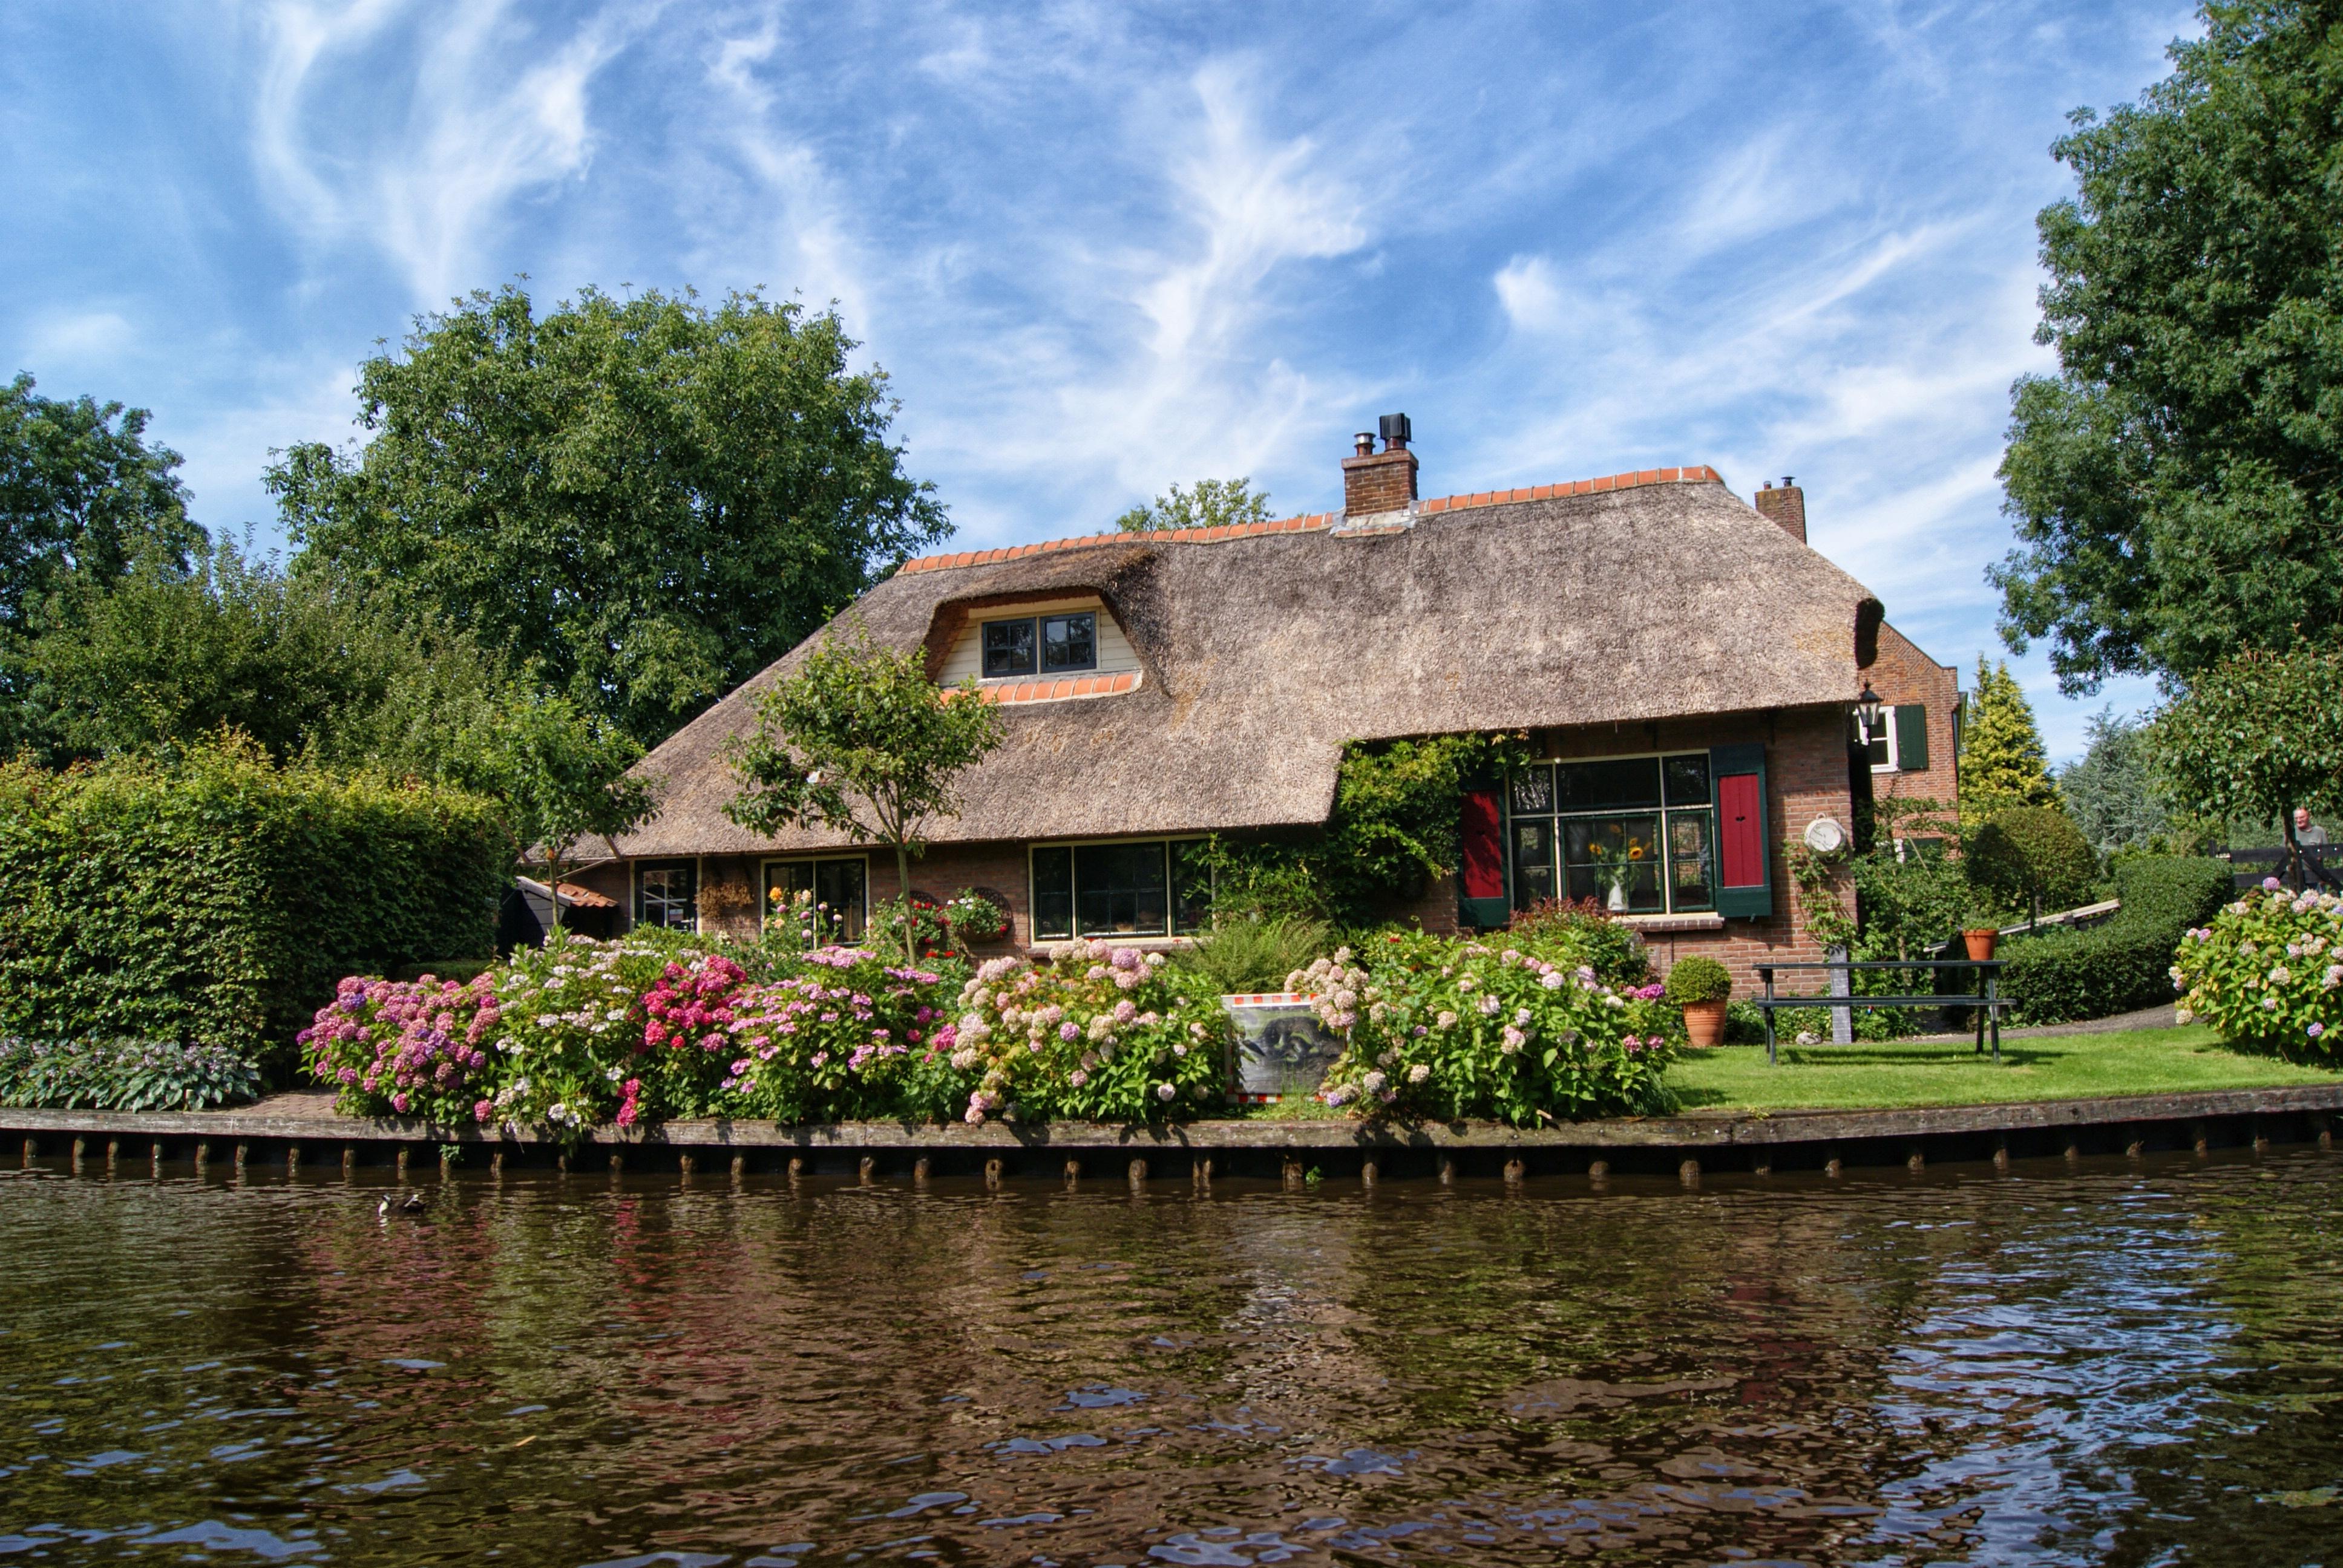 9491e7ffd20a Giethoorn Boerderij Huisje νερό σπίτι κήπος ποταμός αντανάκλαση Σπίτι  εξοχικό σπίτι ιδιοκτησία κανάλι δέντρο ακίνητα φυτό